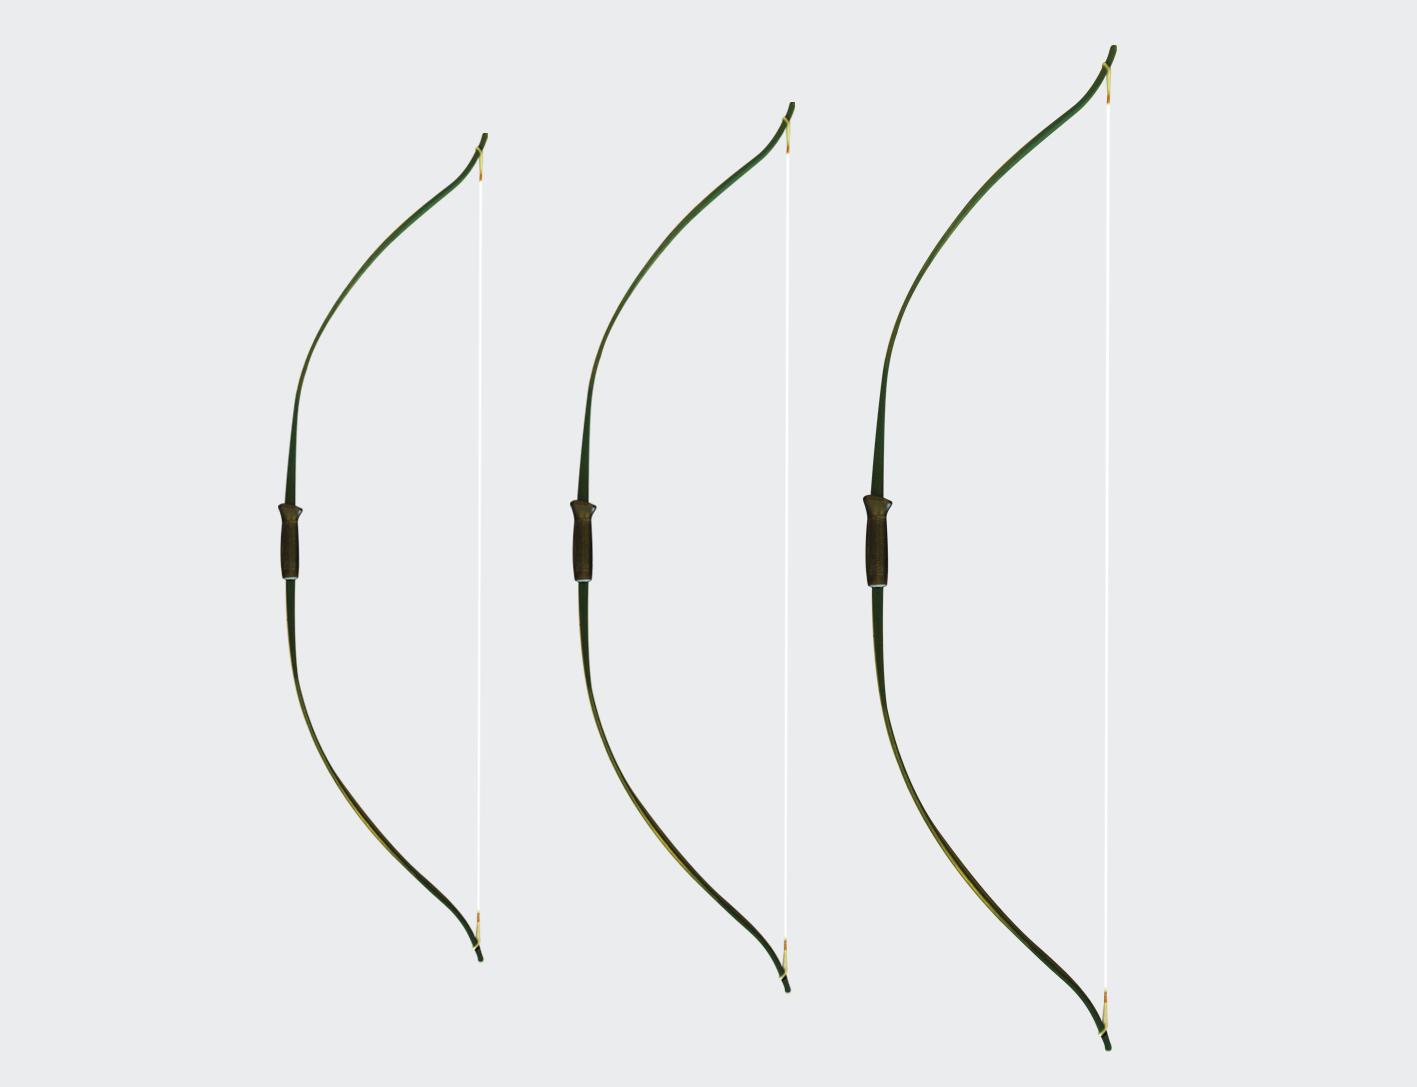 Archery Bow 93cm-0